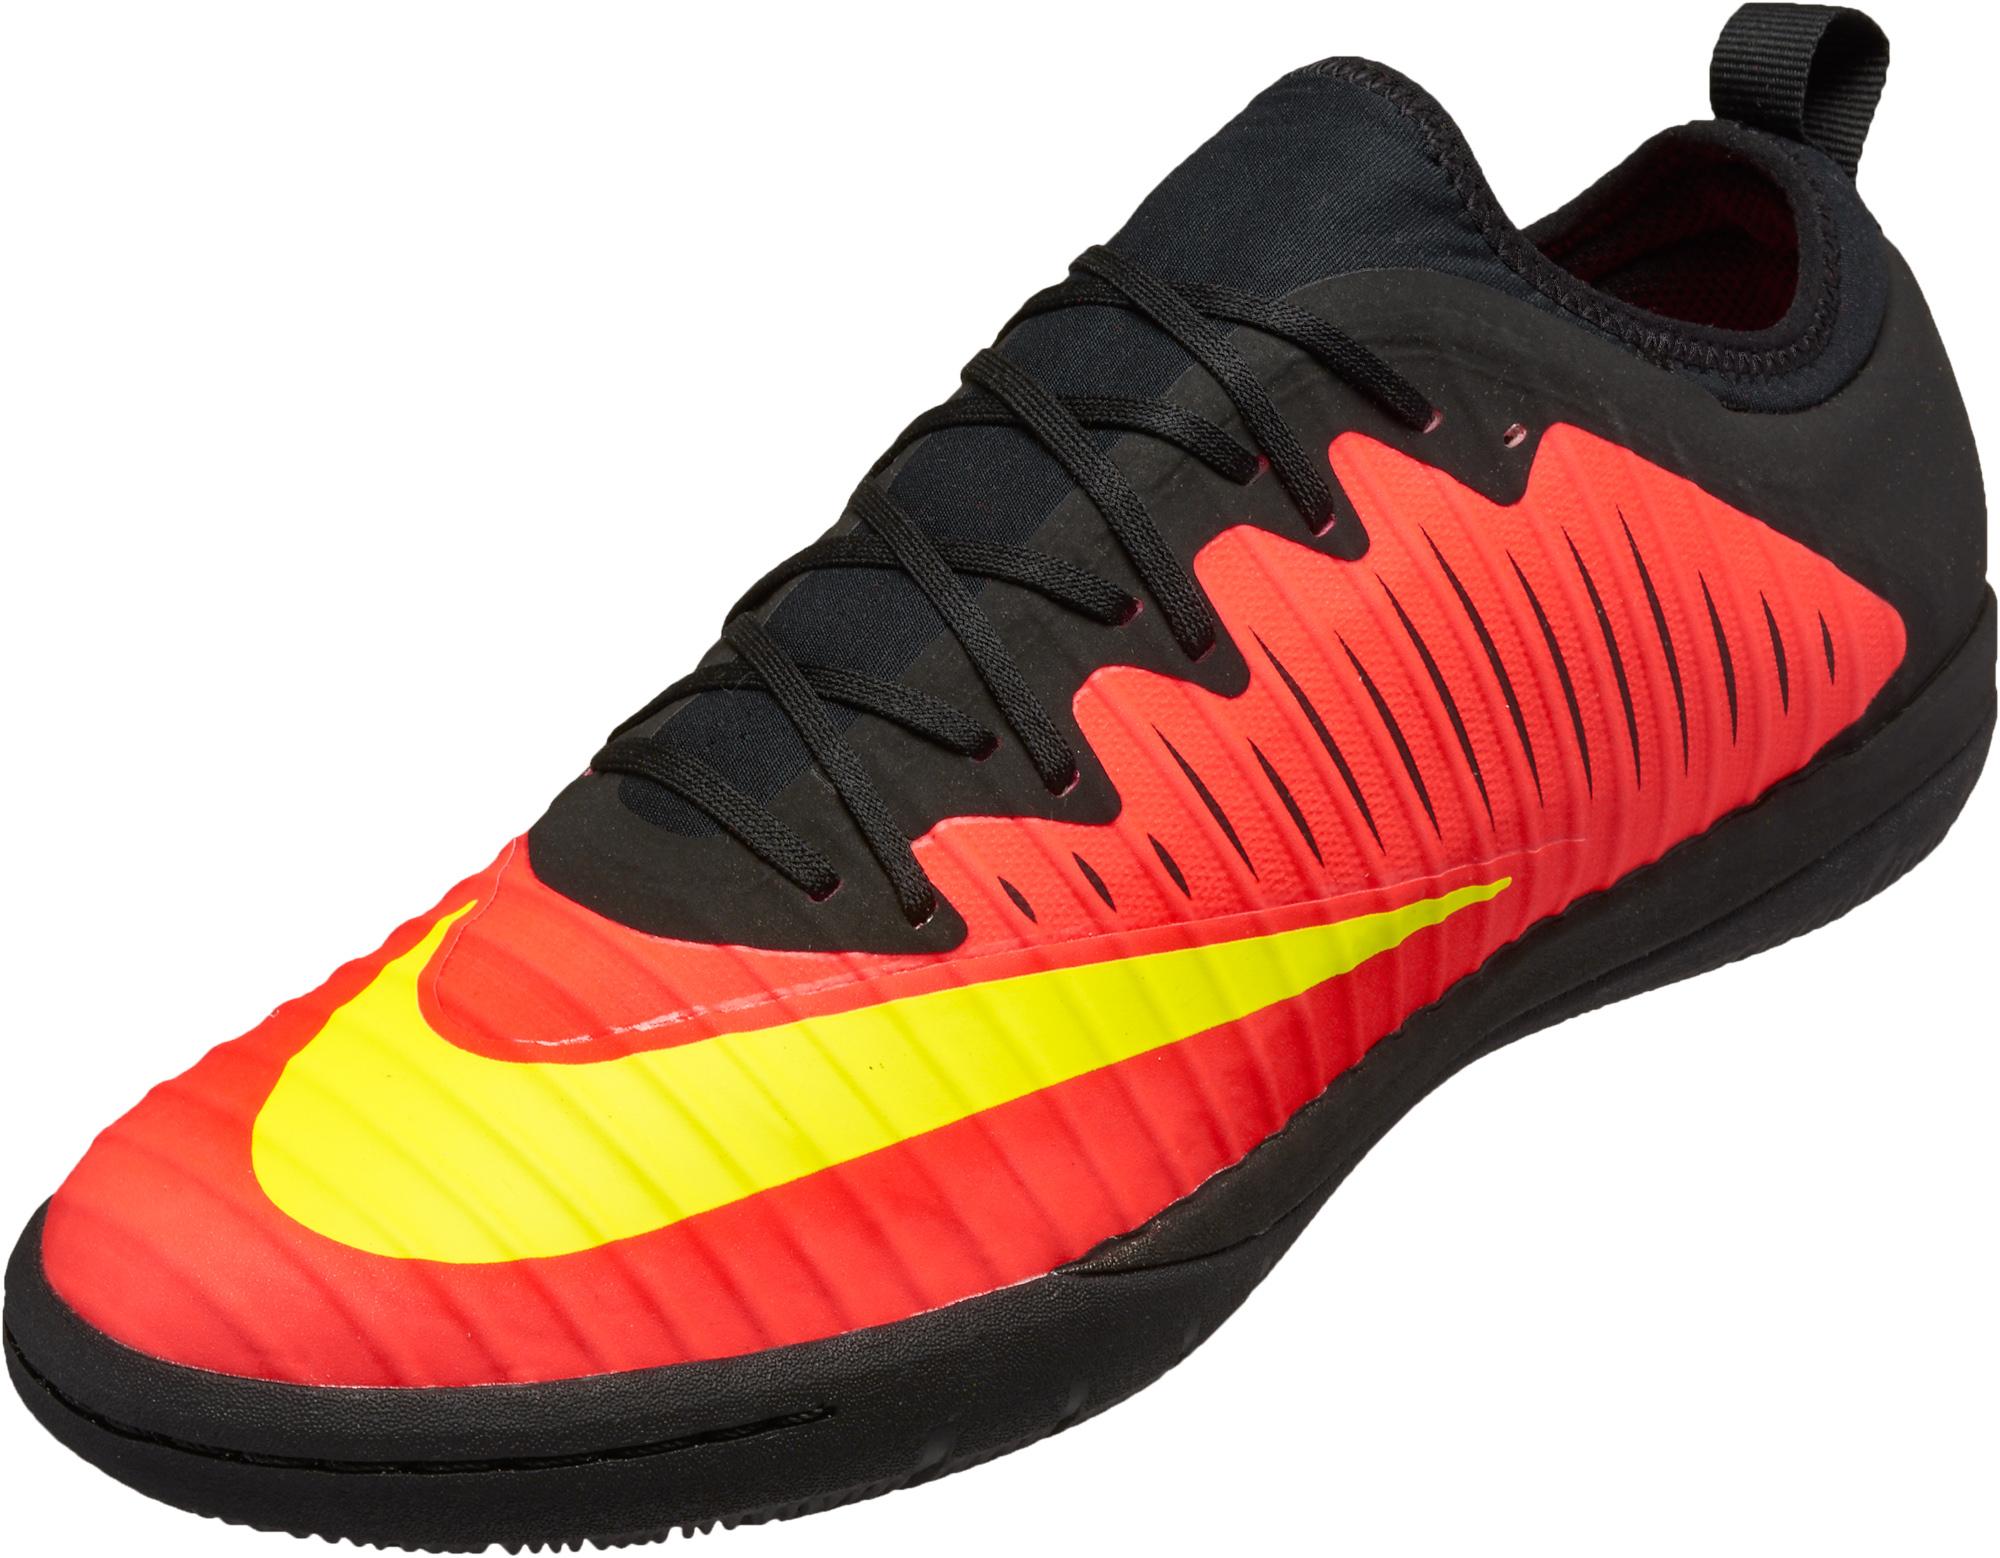 7a74cb7a6ccf Nike MercurialX Finale II IC Soccer Shoes - Nike MercurialX Finales